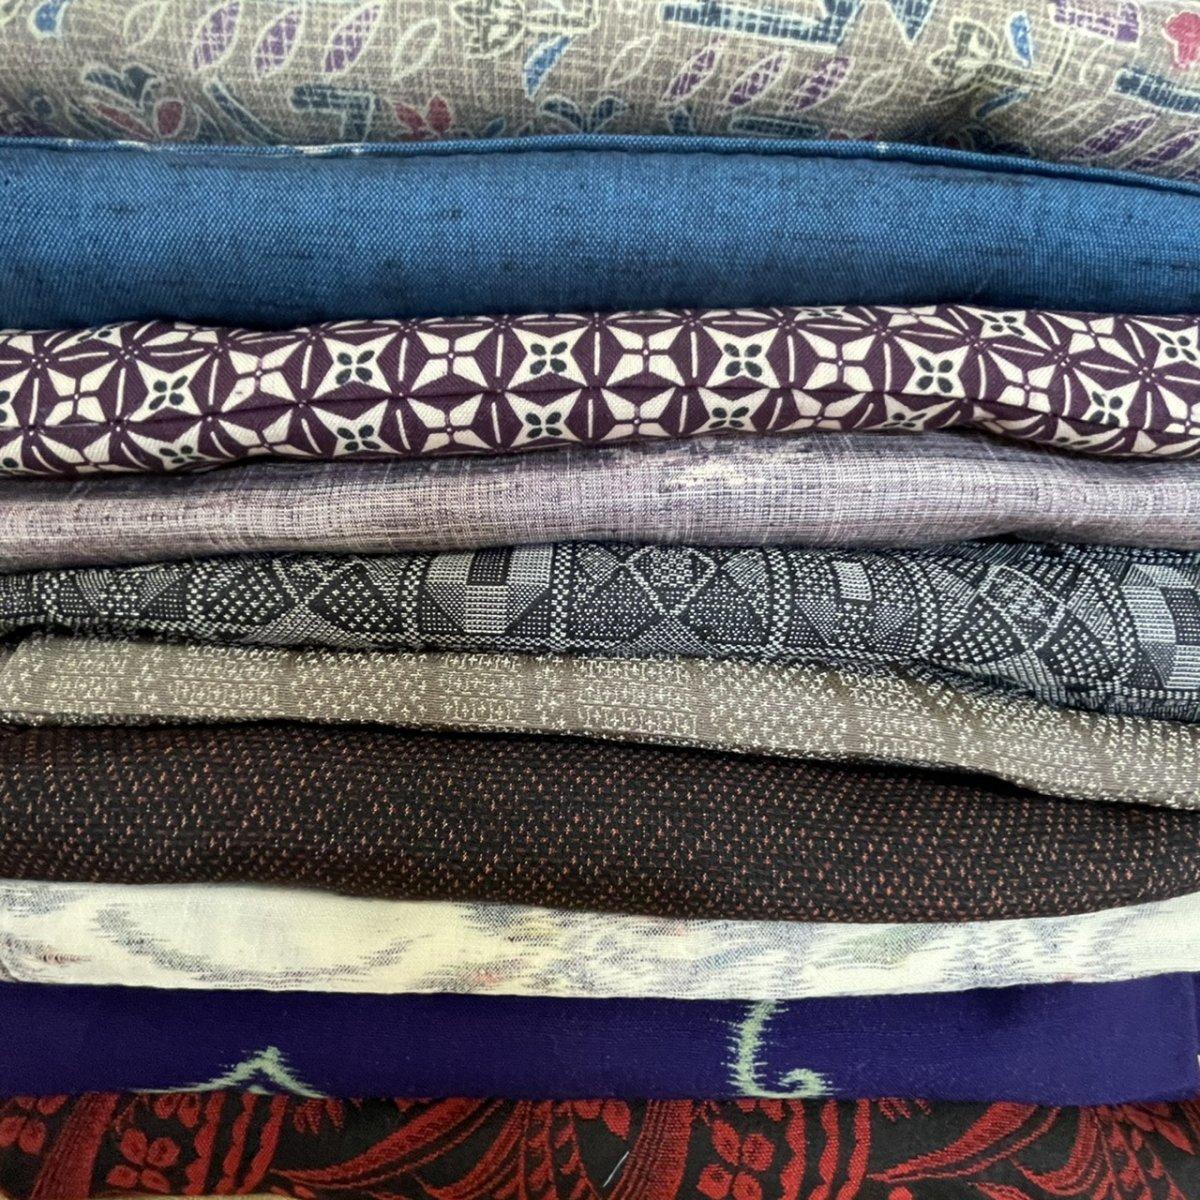 リメイク用 着物10枚 (ウール、交織、化繊)